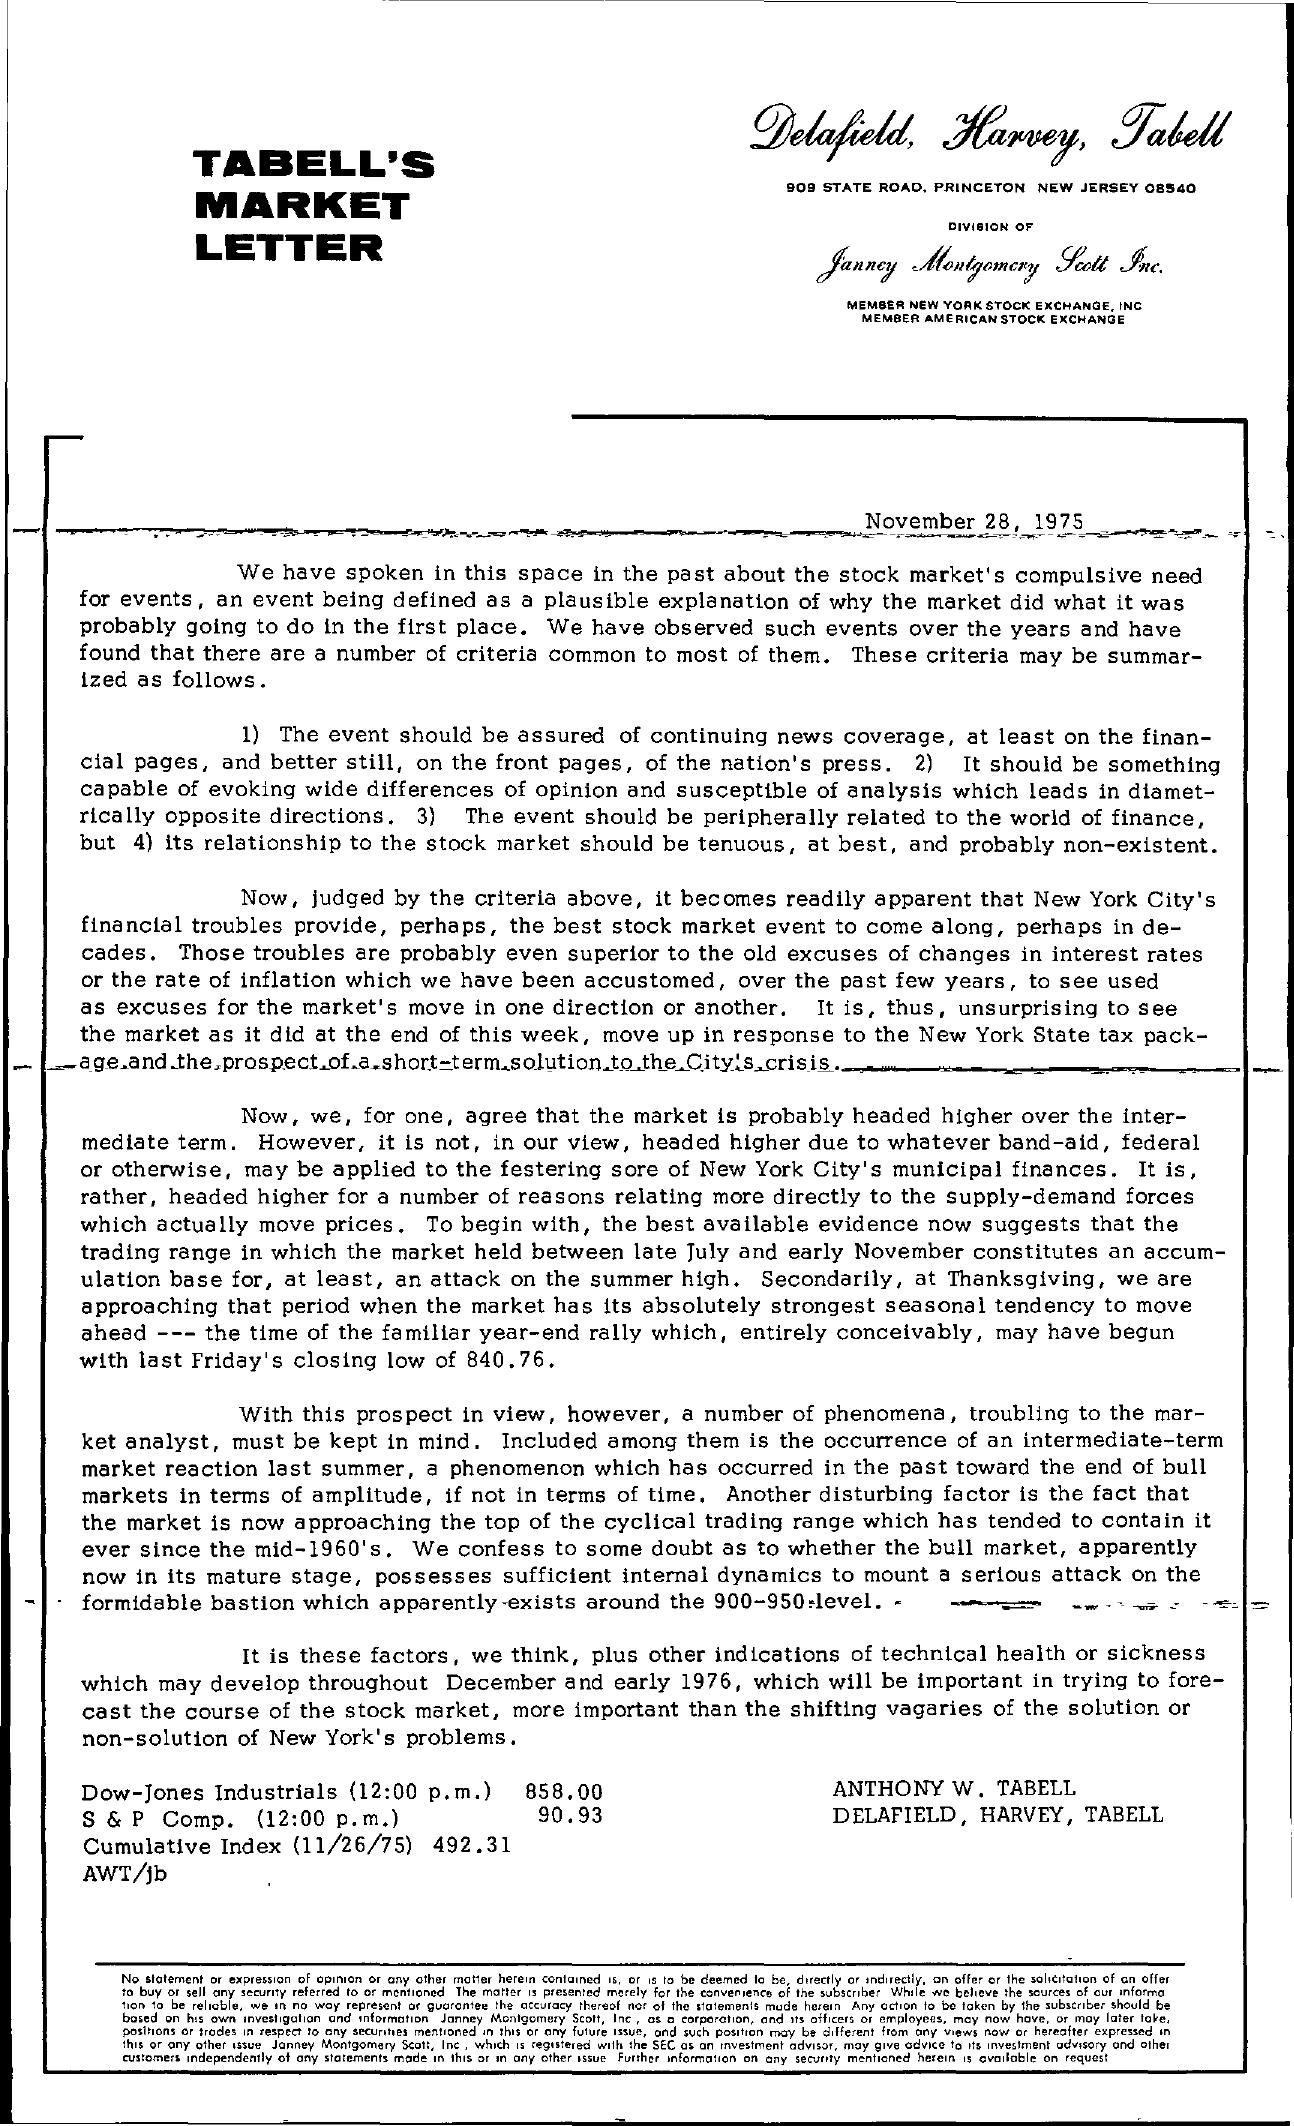 Tabell's Market Letter - November 28, 1975